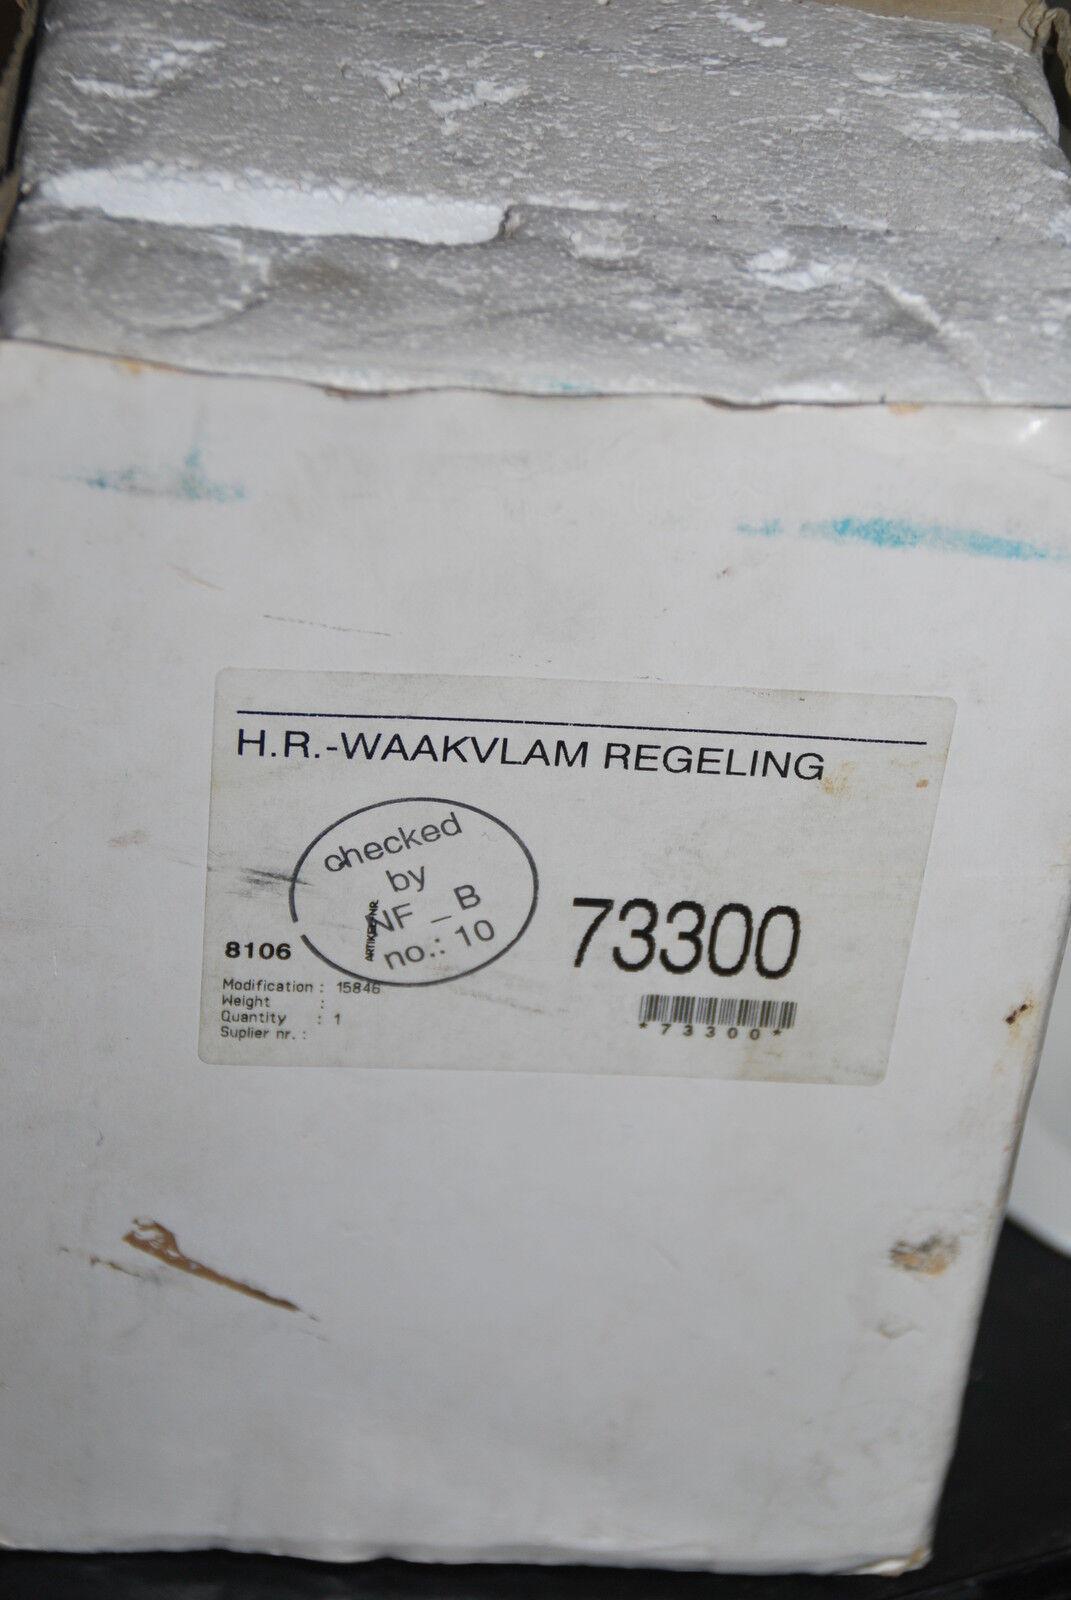 BOSCH NEFIT 73300 BRENNERAUTOMAT WAAKVLAMREGELING FC2000HR REGELUNG REGLER NEU